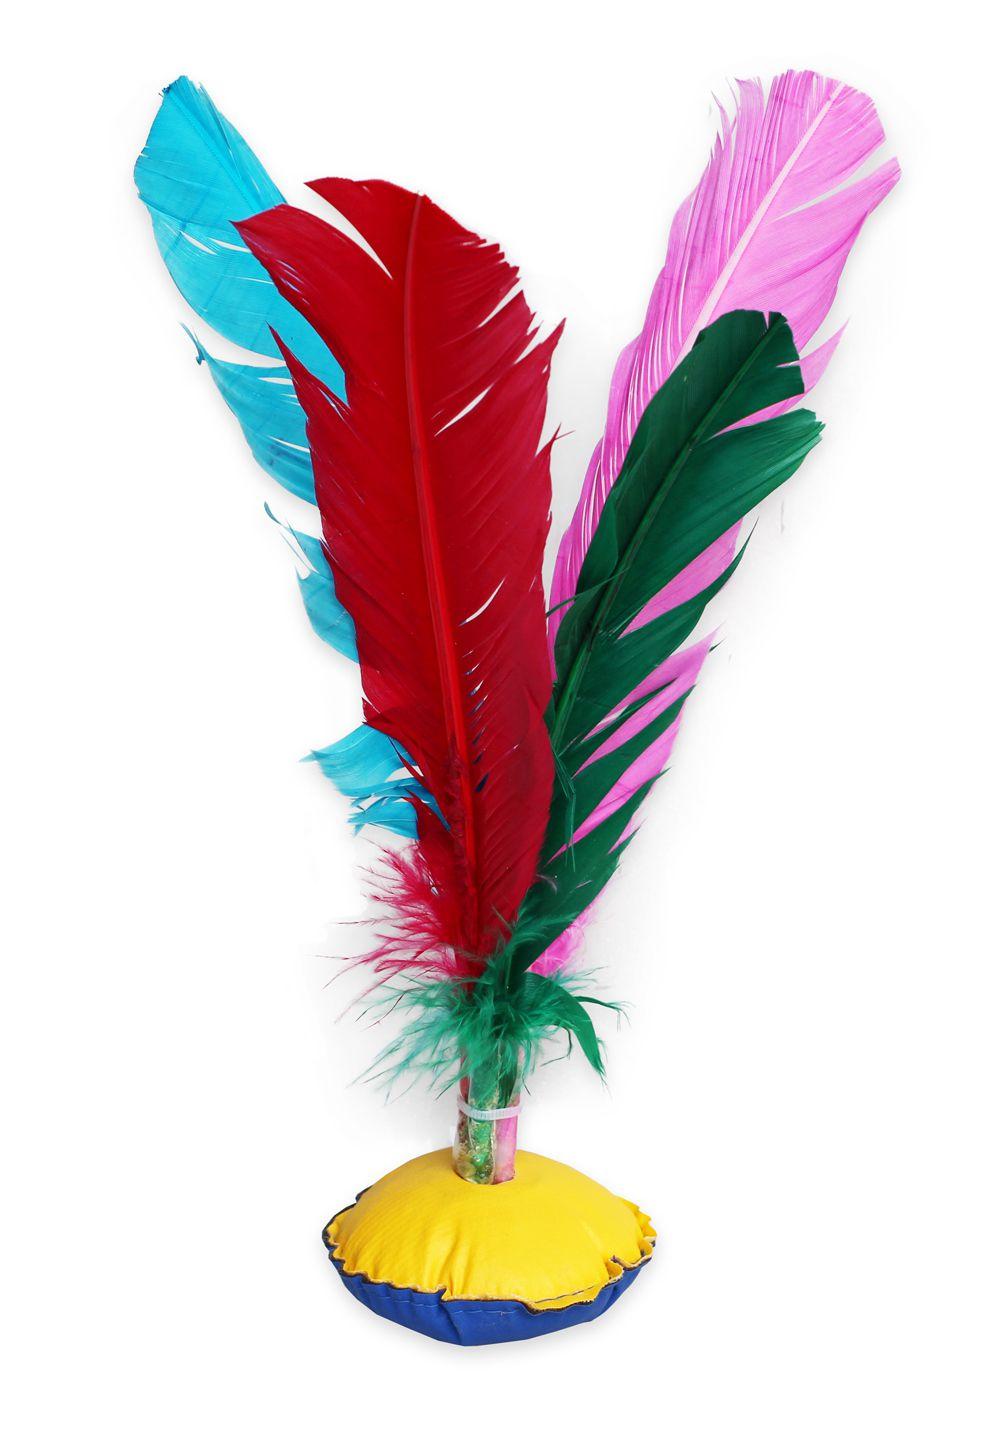 Kit 12 Petecas Grandes com Penas Coloridas